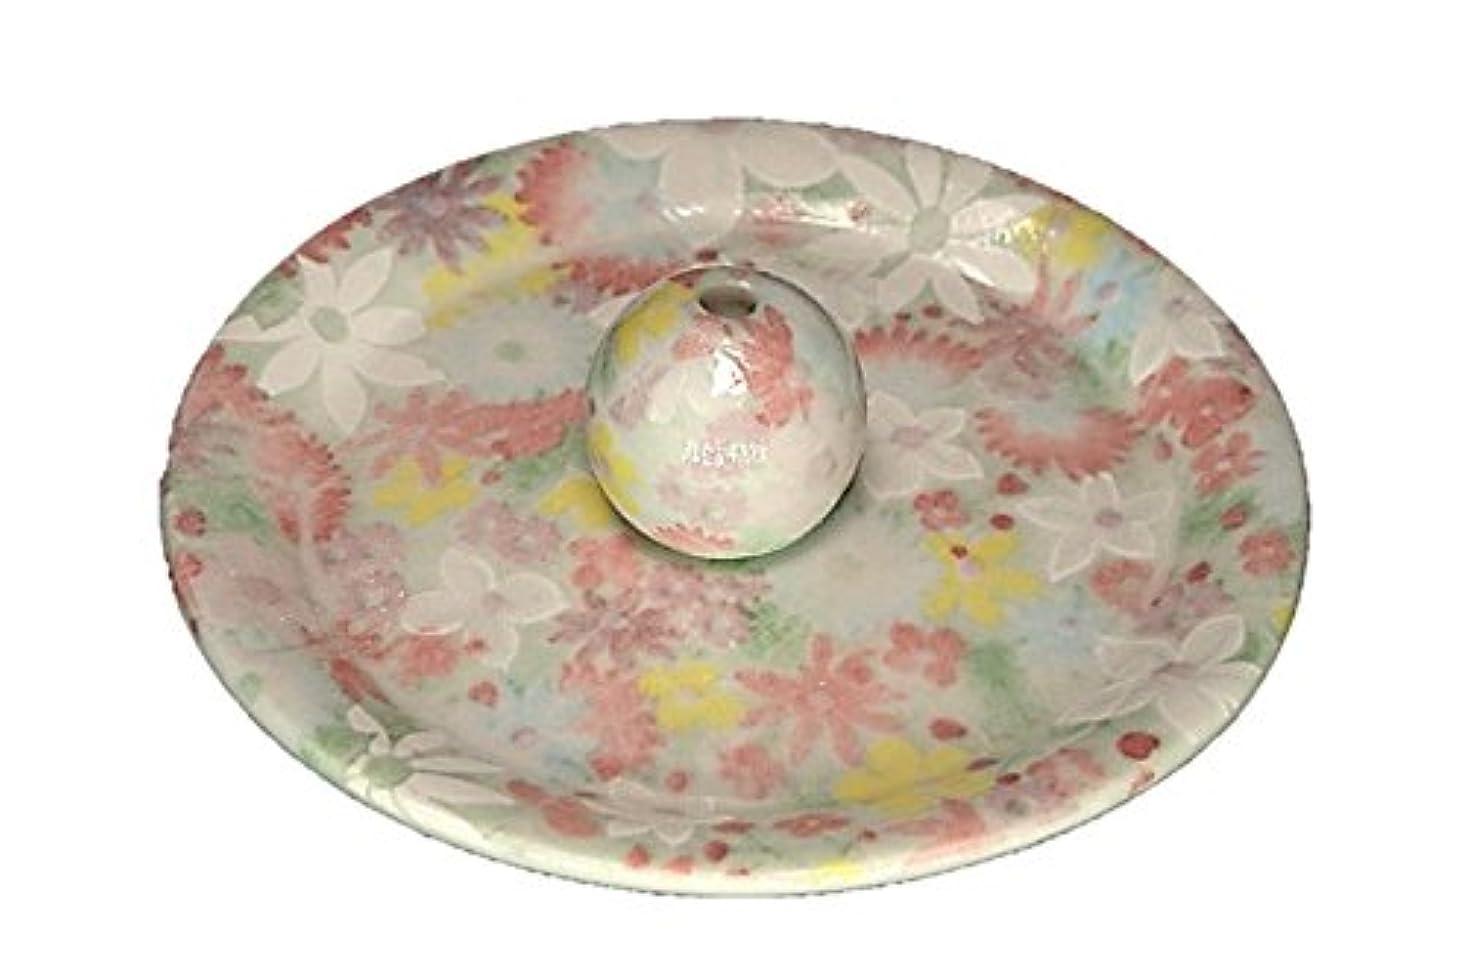 9-38 華苑 9cm香皿 お香立て お香たて 陶器 日本製 製造?直売品